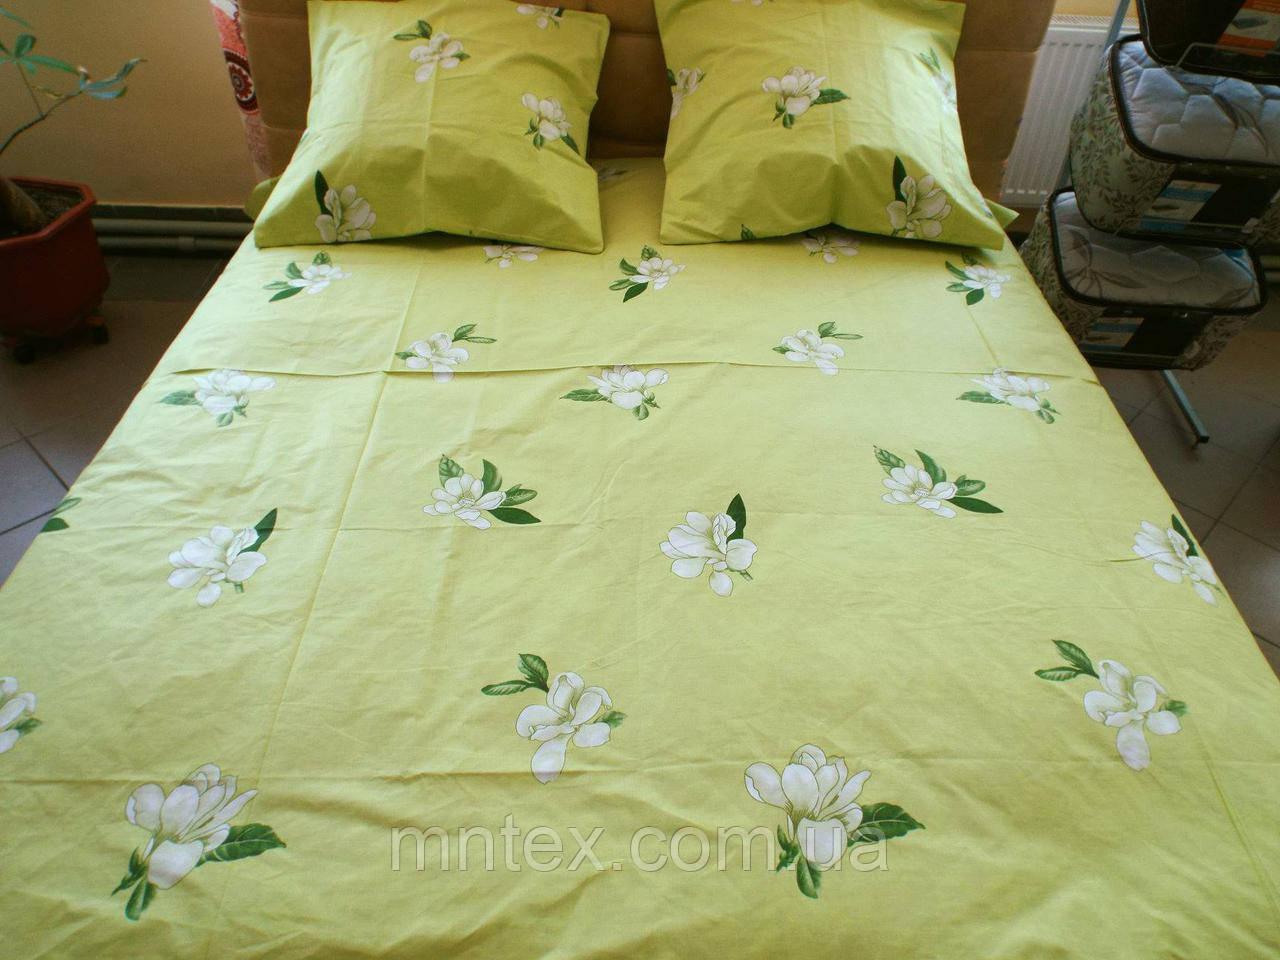 Комплект постельного белья бязь Голд Магнолия